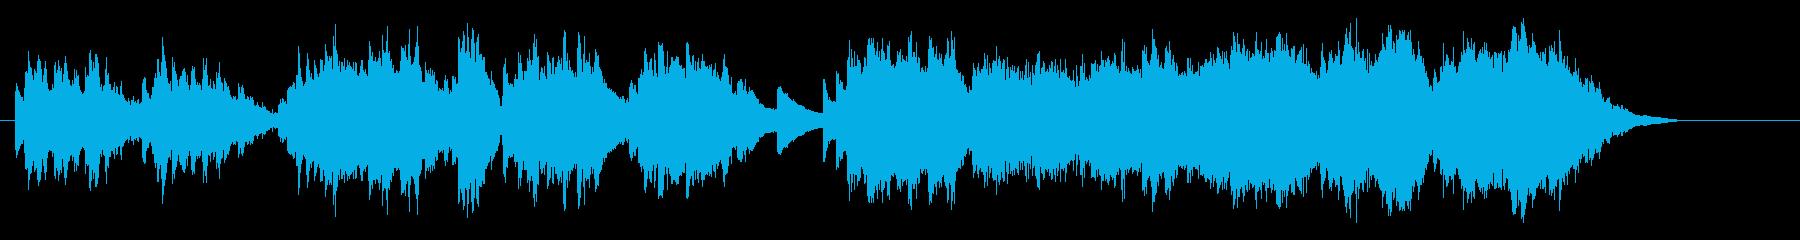 アンビエンス・タッチのピアノ・バラードの再生済みの波形